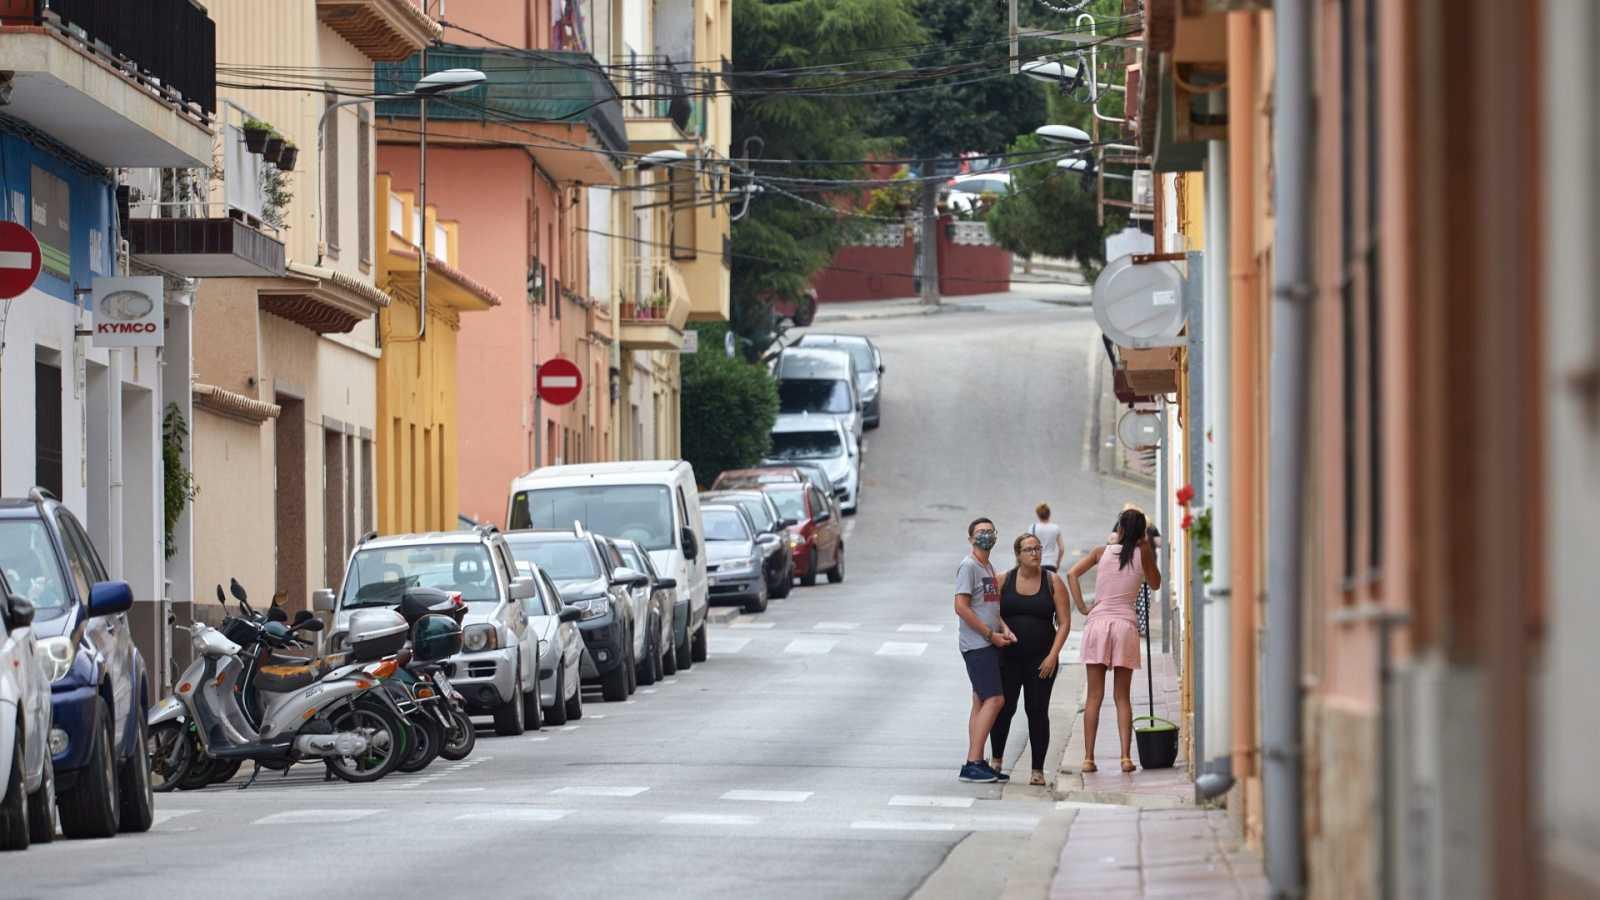 Vista de la calle Valencia, en Sant Feliu de Guíxols (Girona), donde se produjo la agresión.